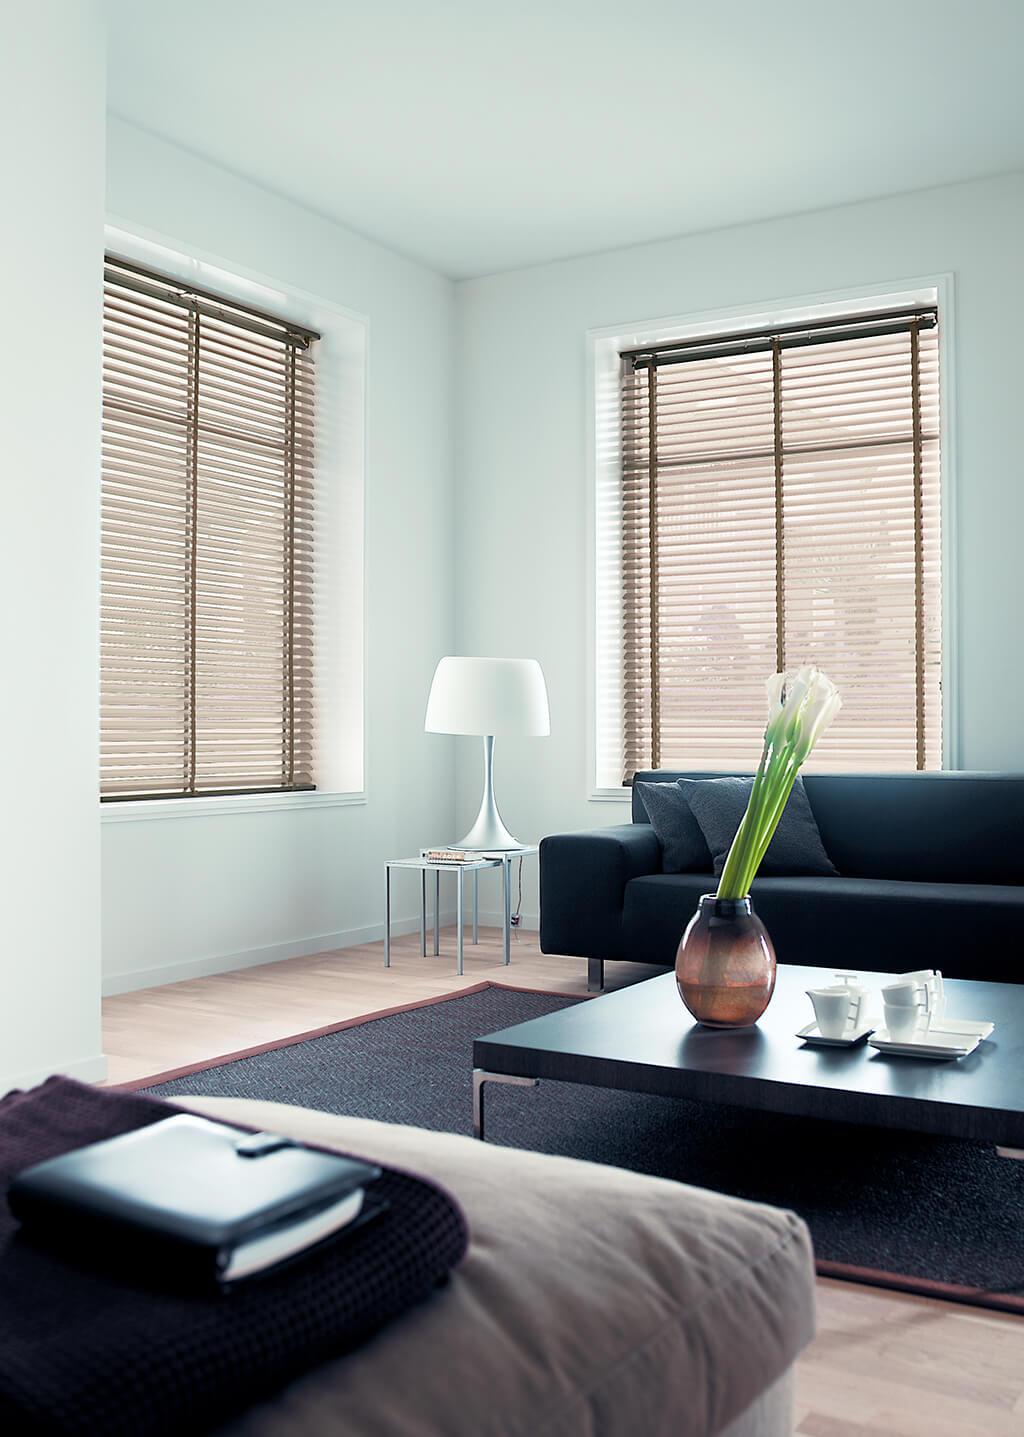 Zwei große Wohnzimmerfenster mit beigen Alu-Jalousien und gleichfarbigen Leiterbändern